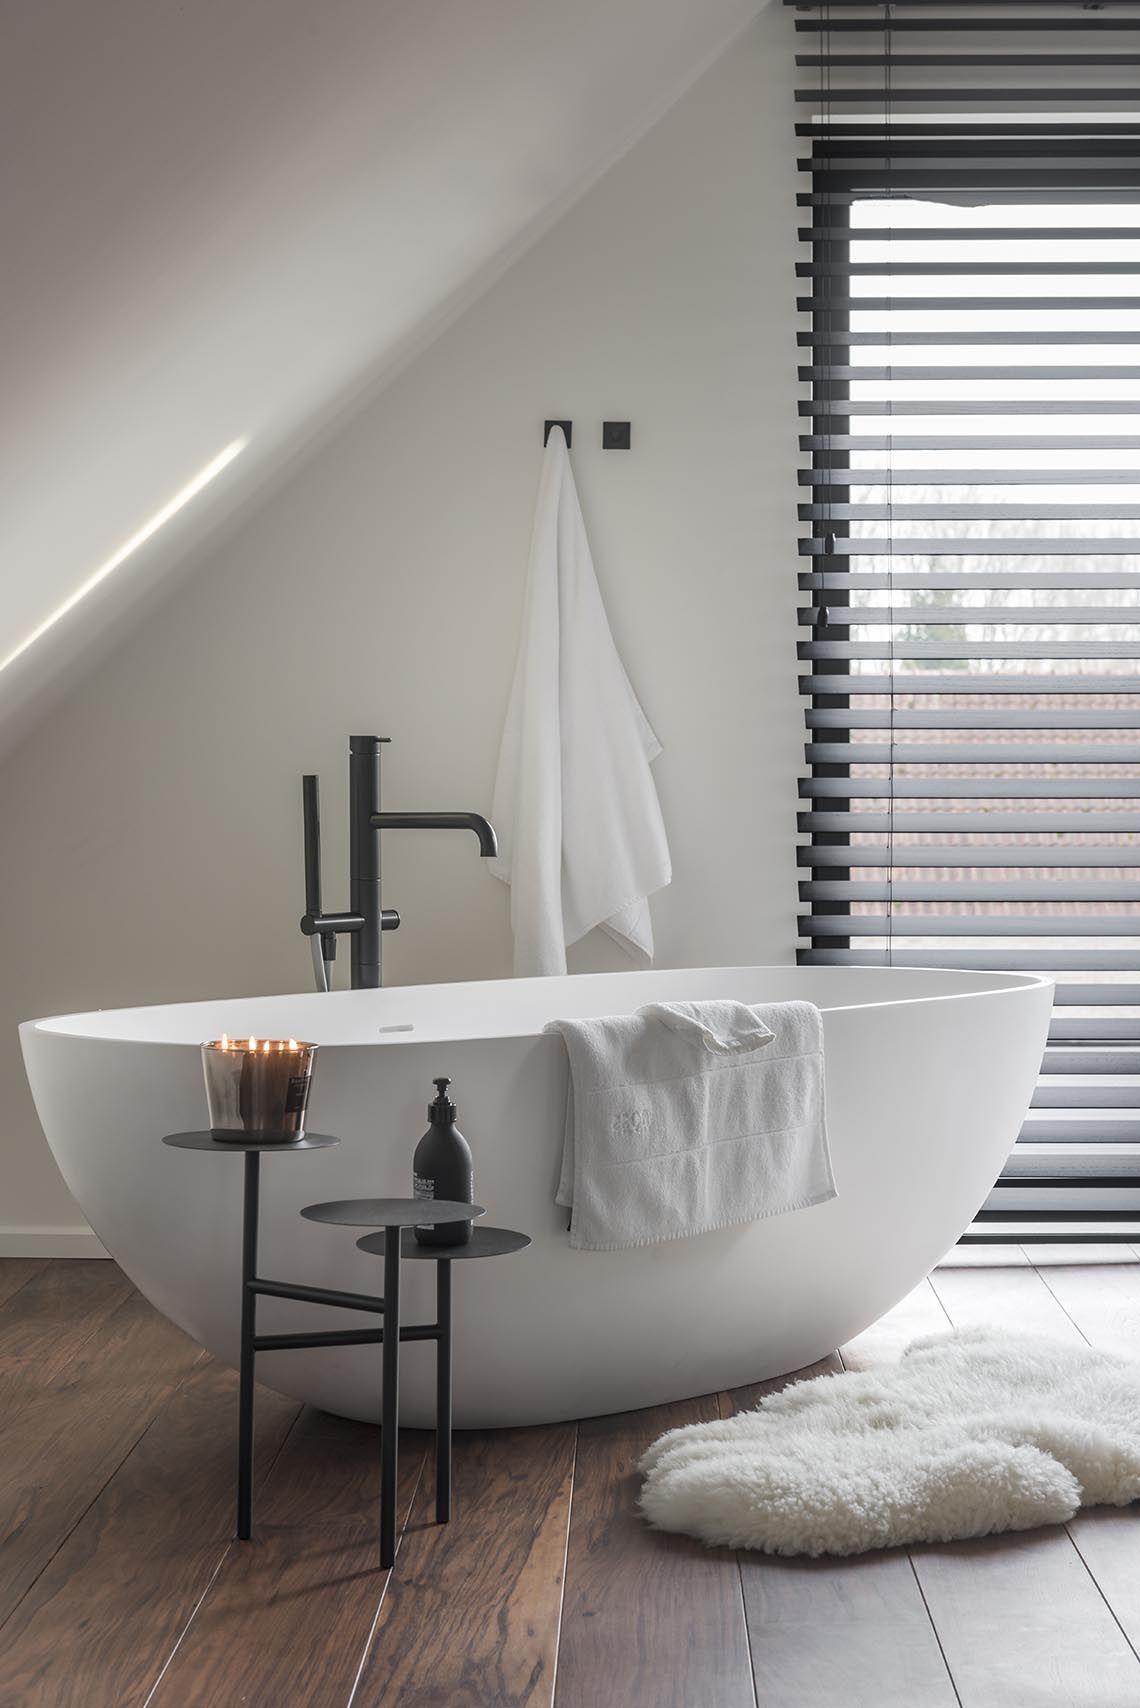 Jones Living | Badkamer | Baden in rust | Luxus Wonen | Property ...